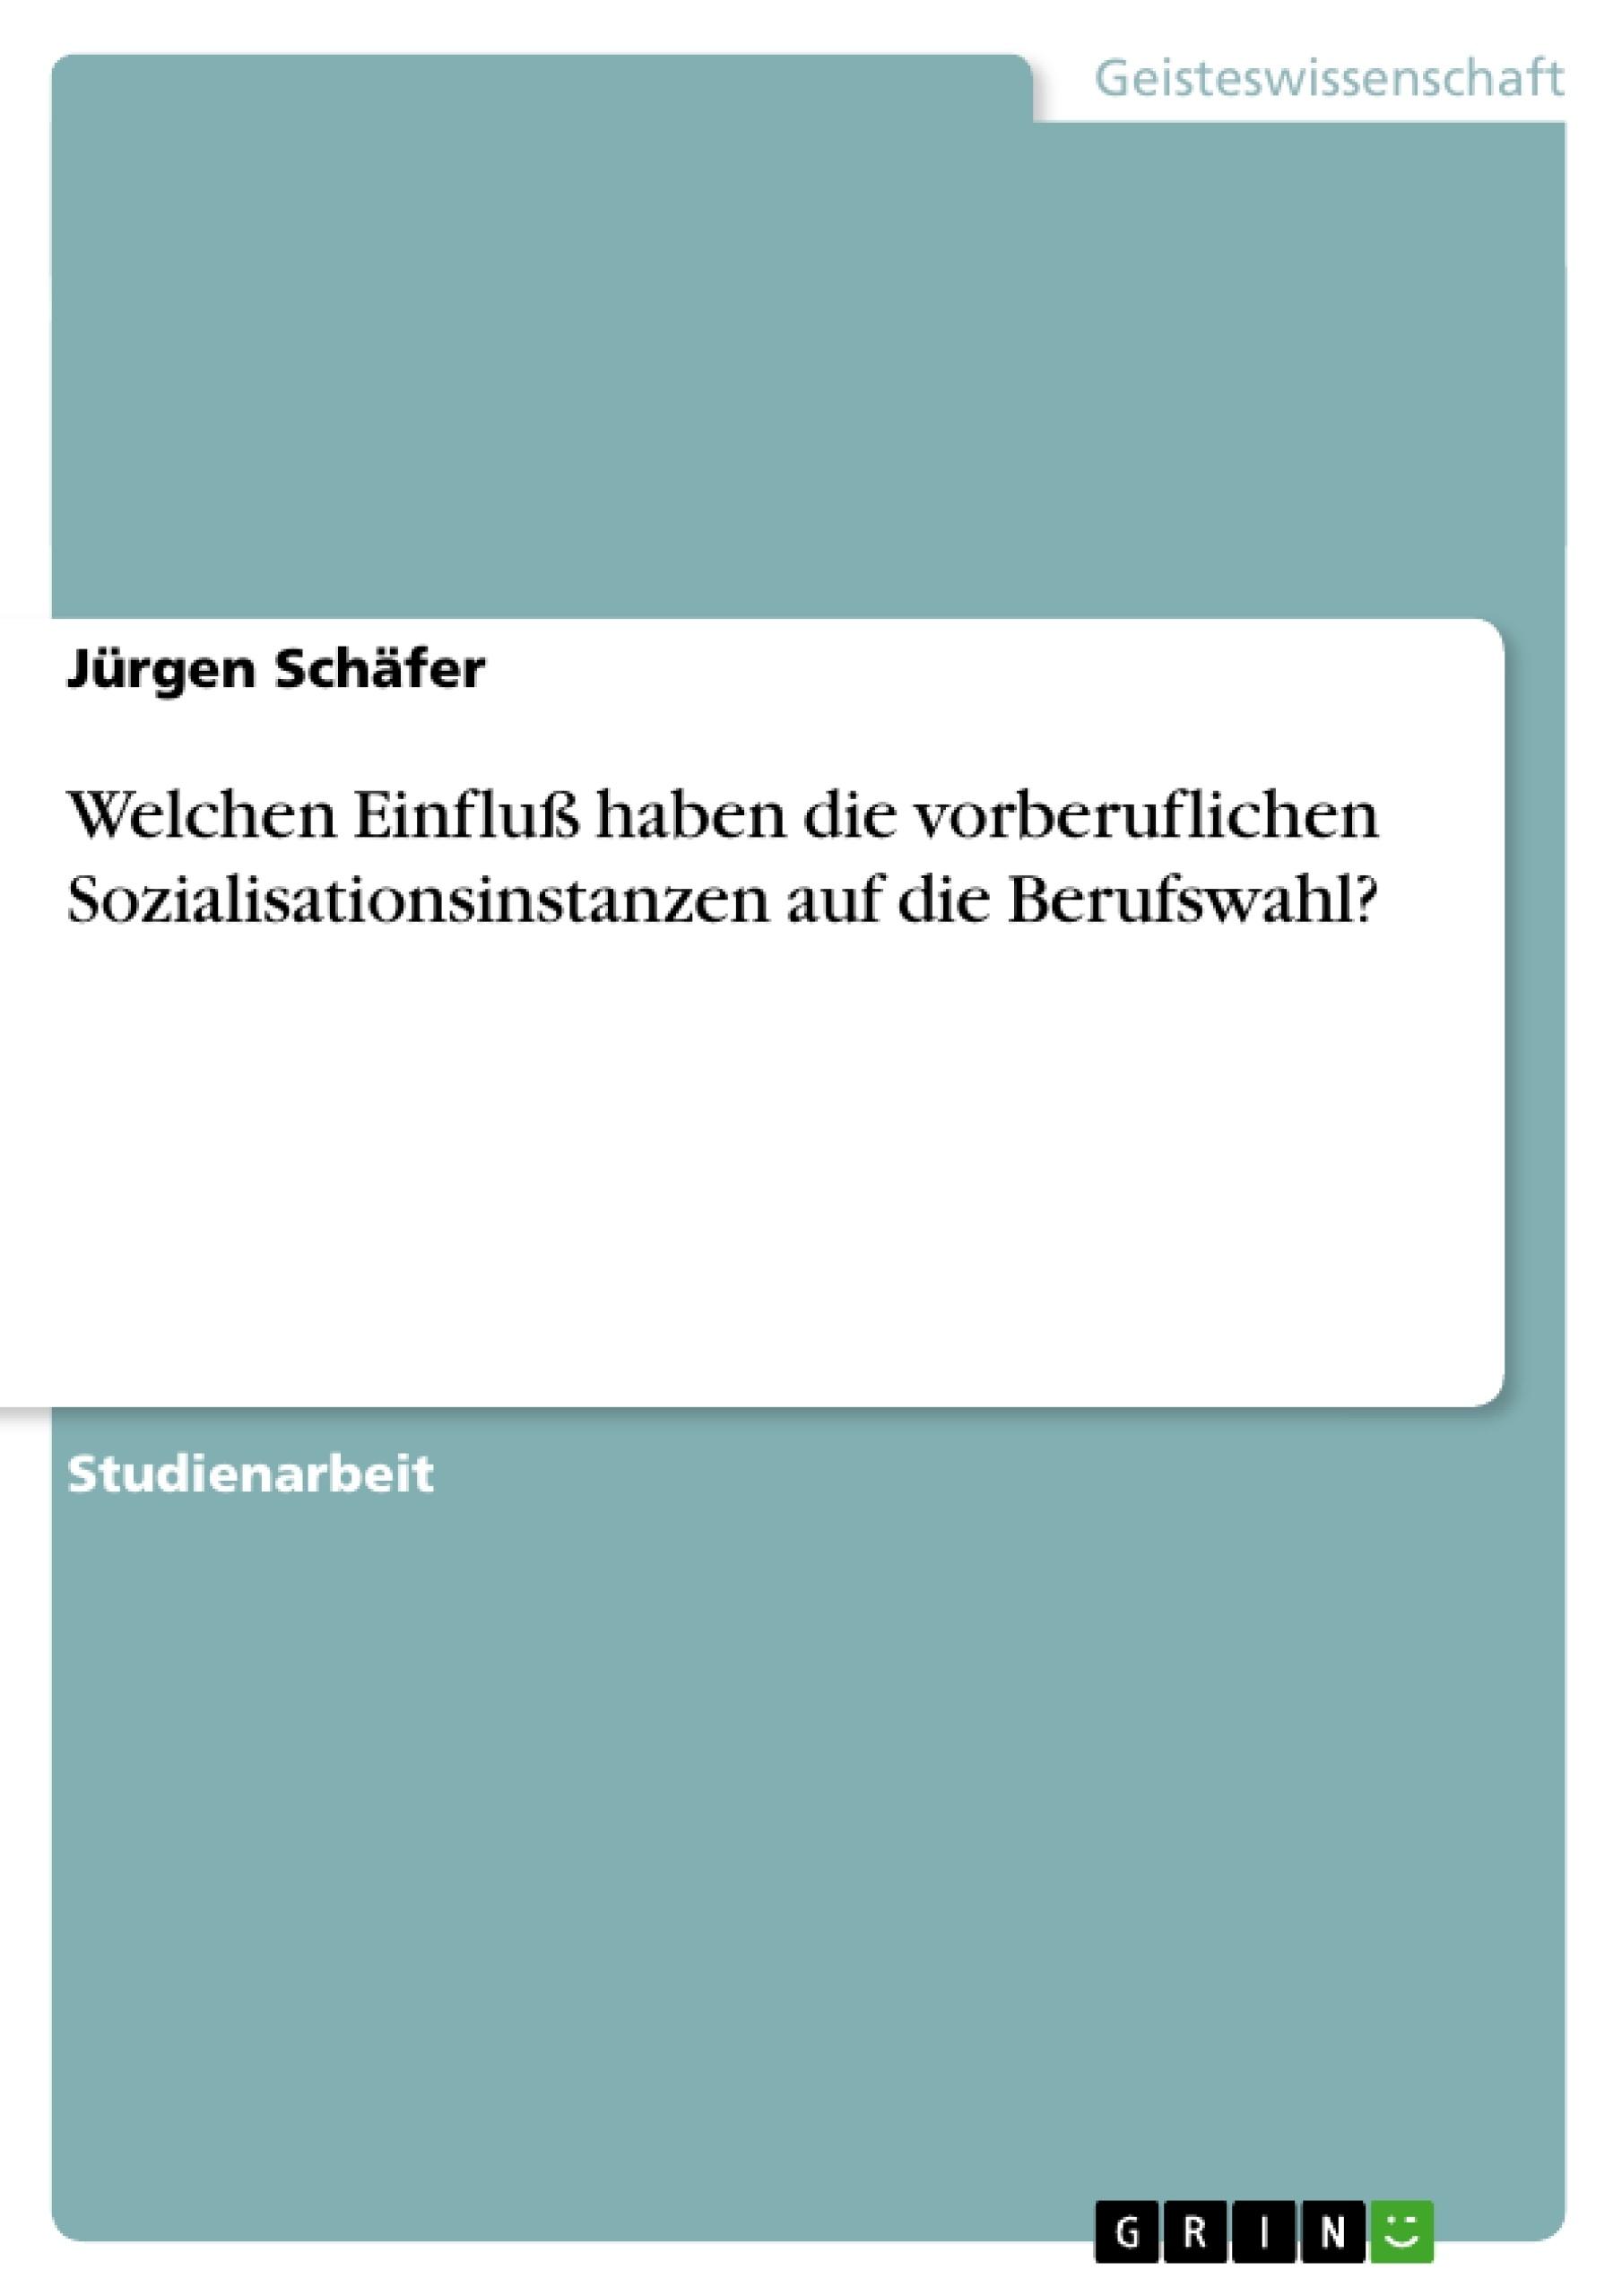 Titel: Welchen Einfluß haben die vorberuflichen Sozialisationsinstanzen auf die Berufswahl?